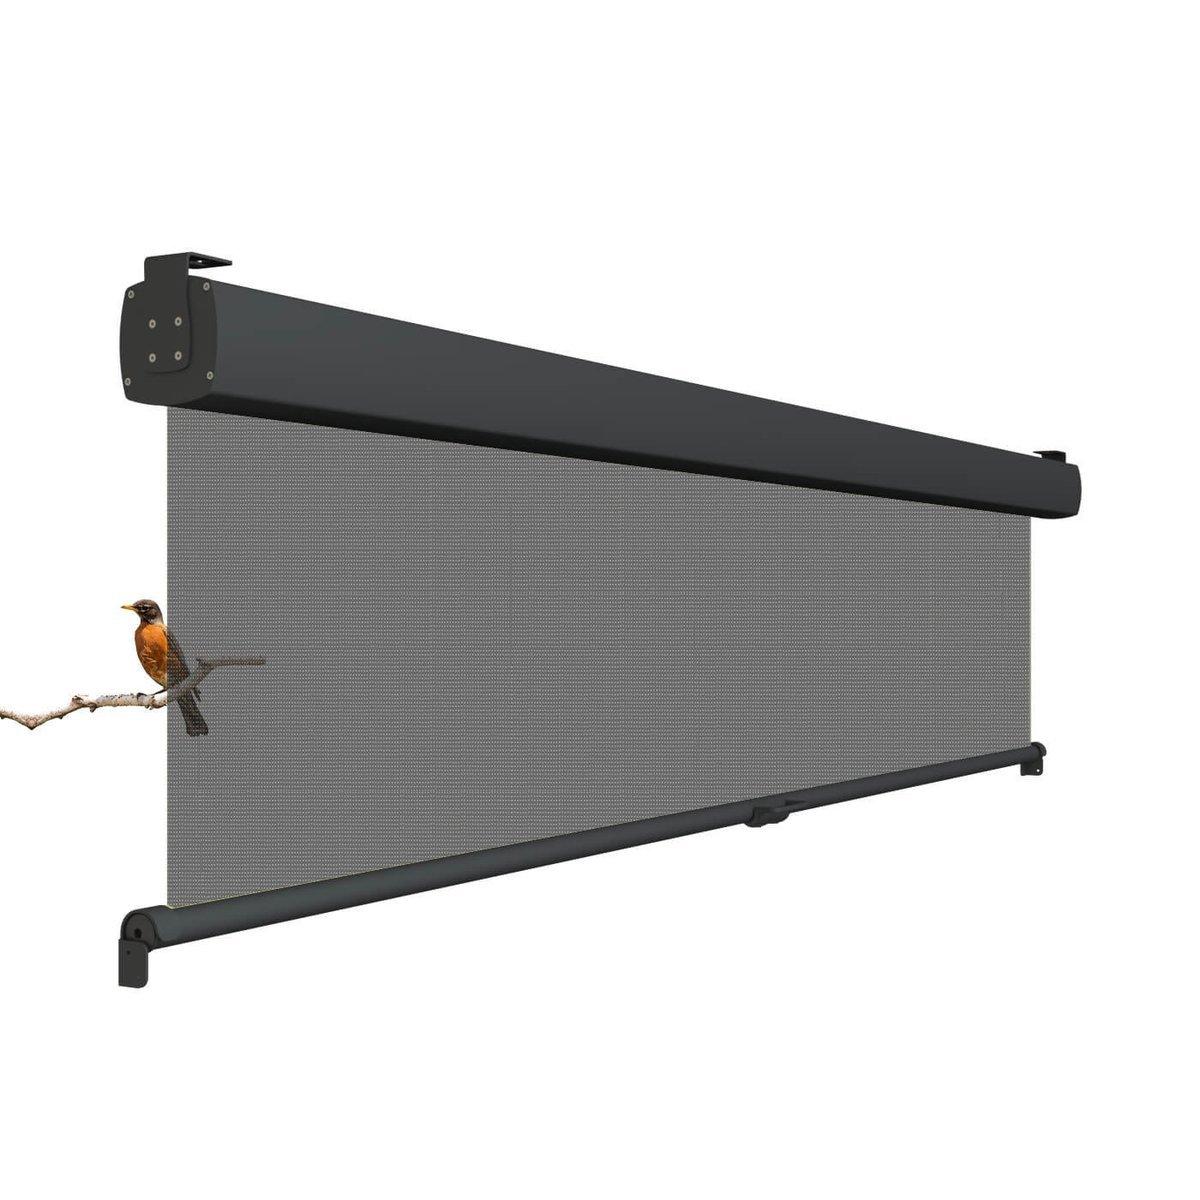 LuxxOut Seitenmarkisen Vita - Sonnen-, Regen- oder Sichtschutz, mit Transpiranten Soltis Tuch, horizontale Montage, 300cm breit x 260 cm ausrollange (300x260)